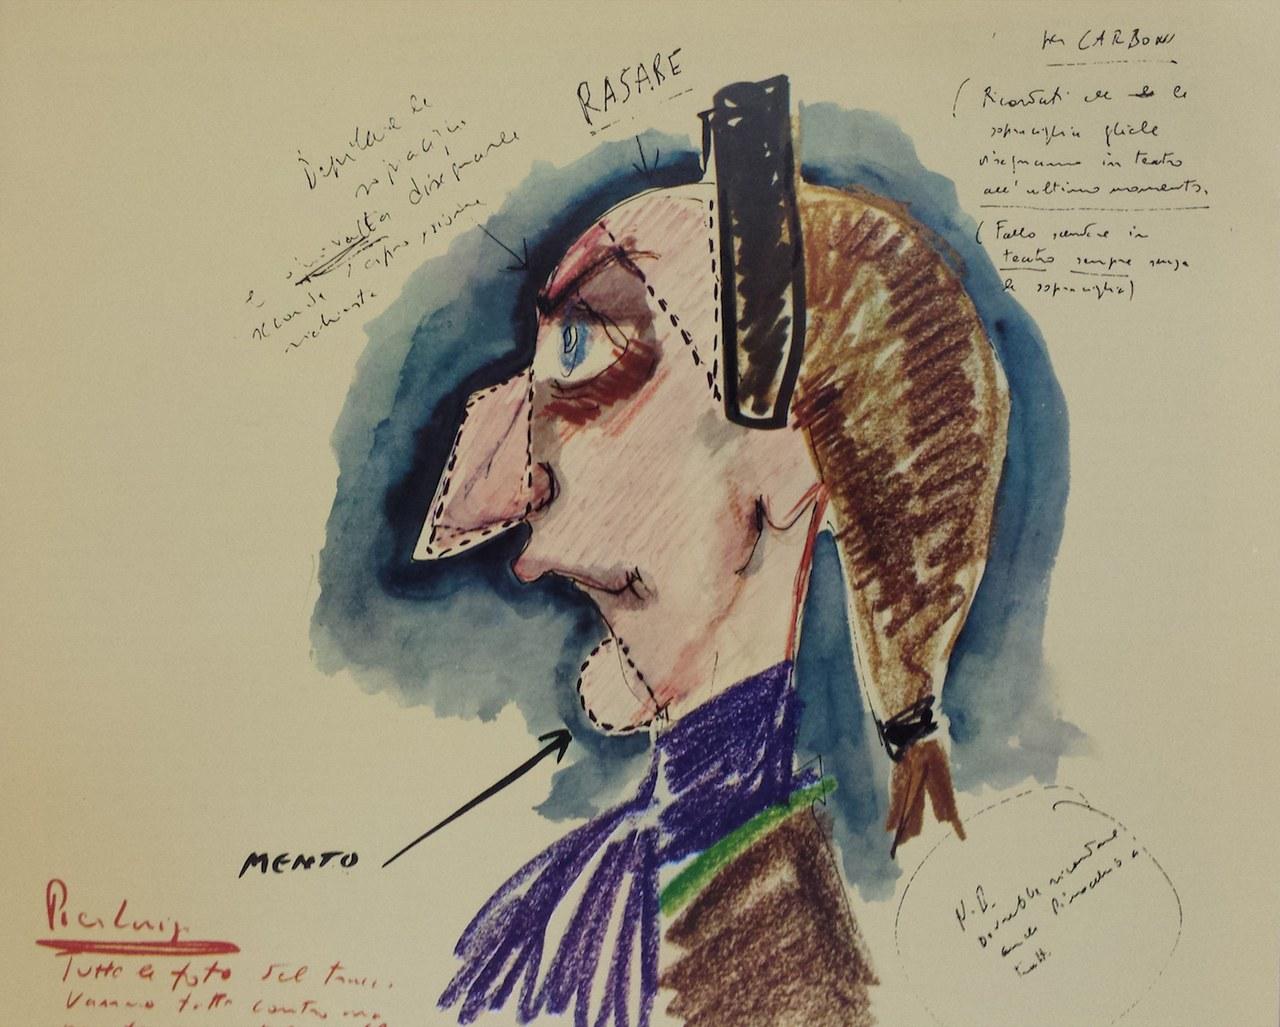 Fig. 1. Disegno di Federico Fellini per Casanova